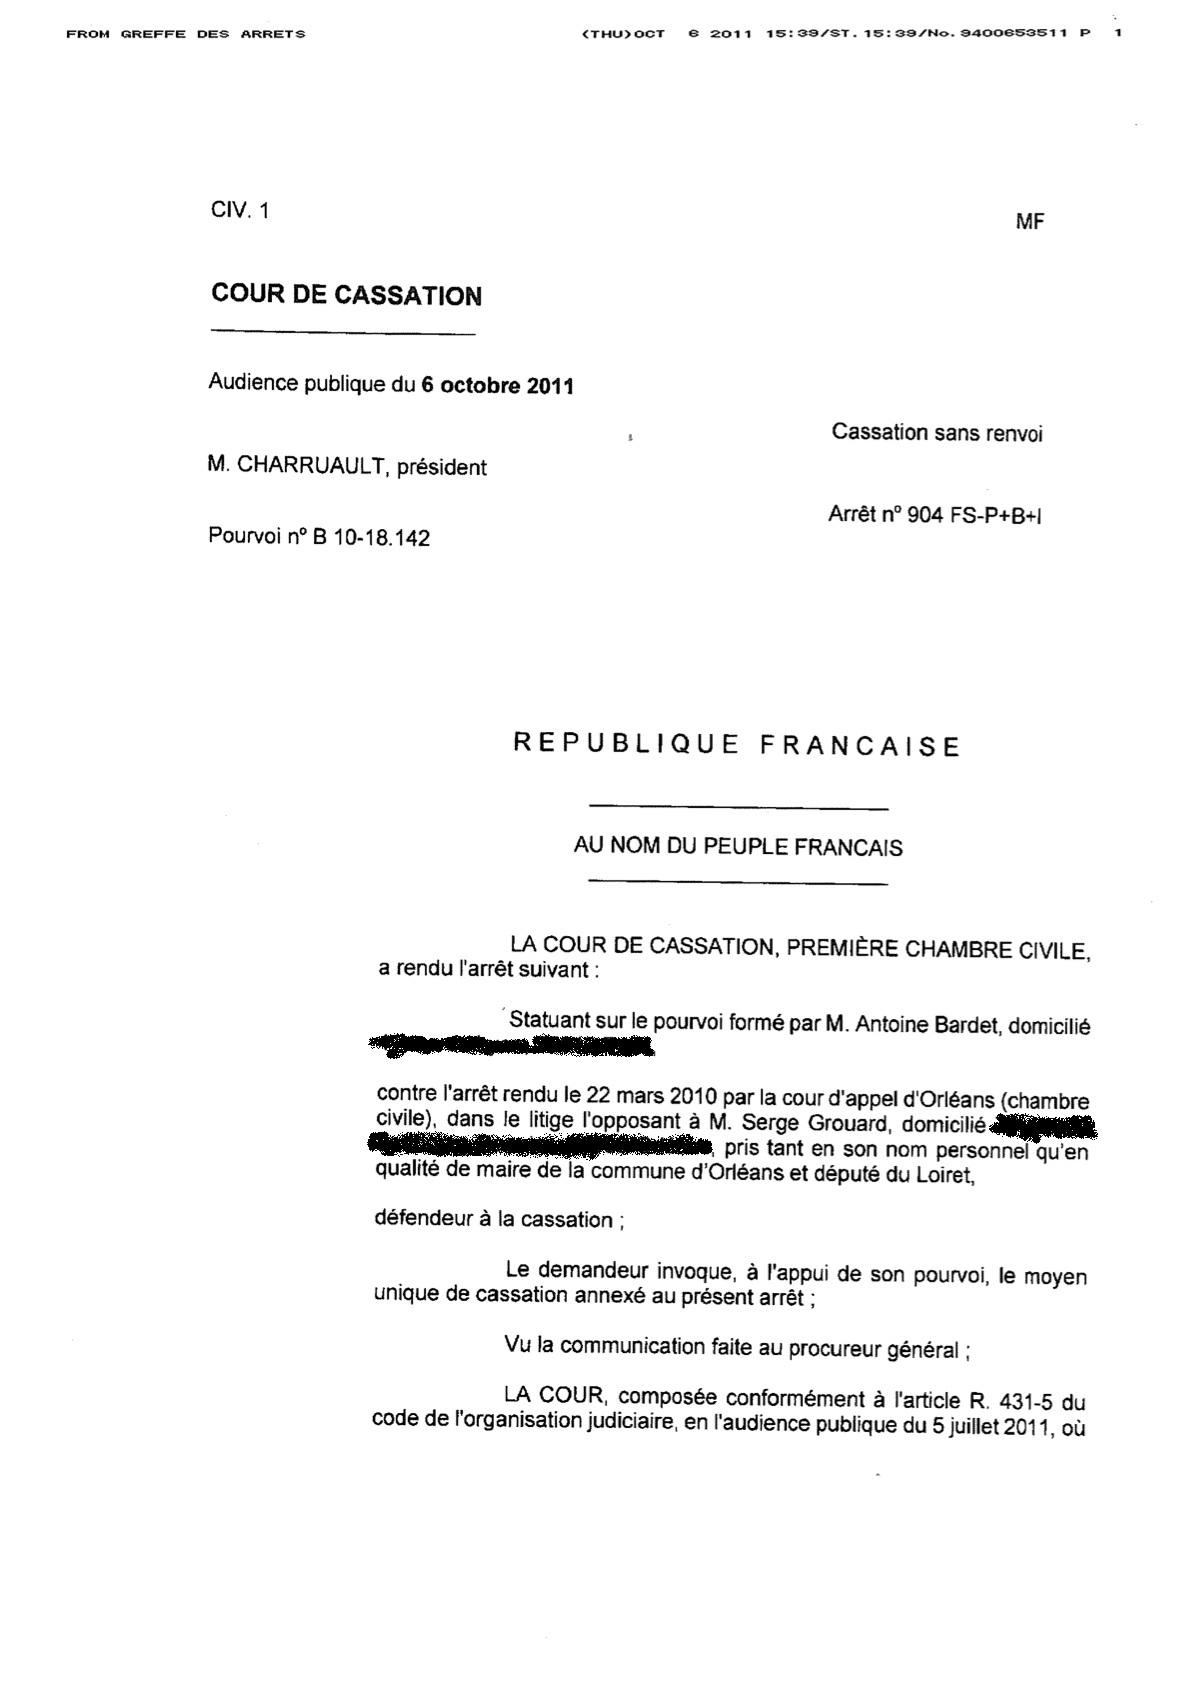 cour de cassation grouard contre fansolo - orleans